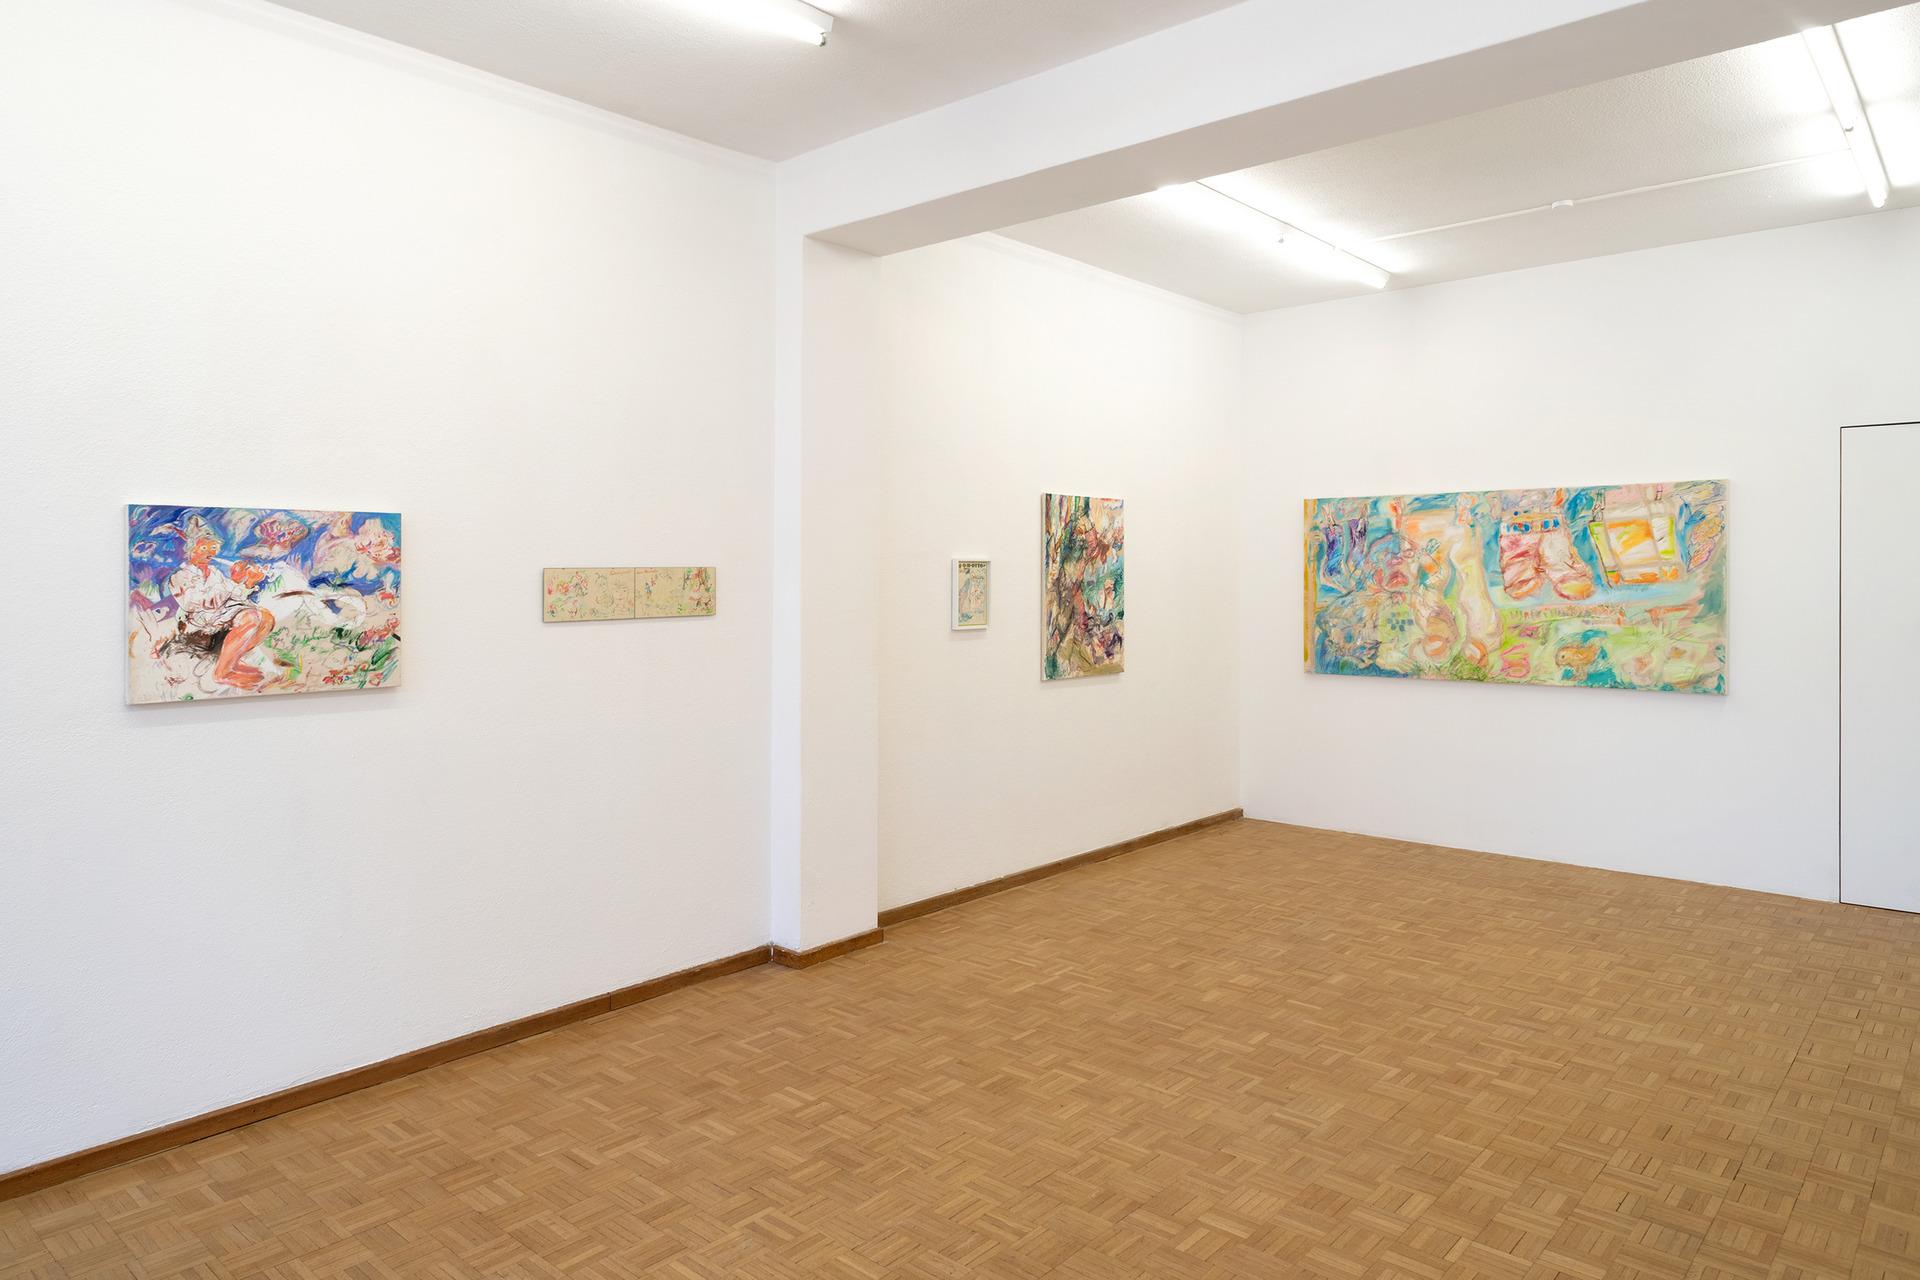 Exhibition view: Sentiment Offspace, Zurich